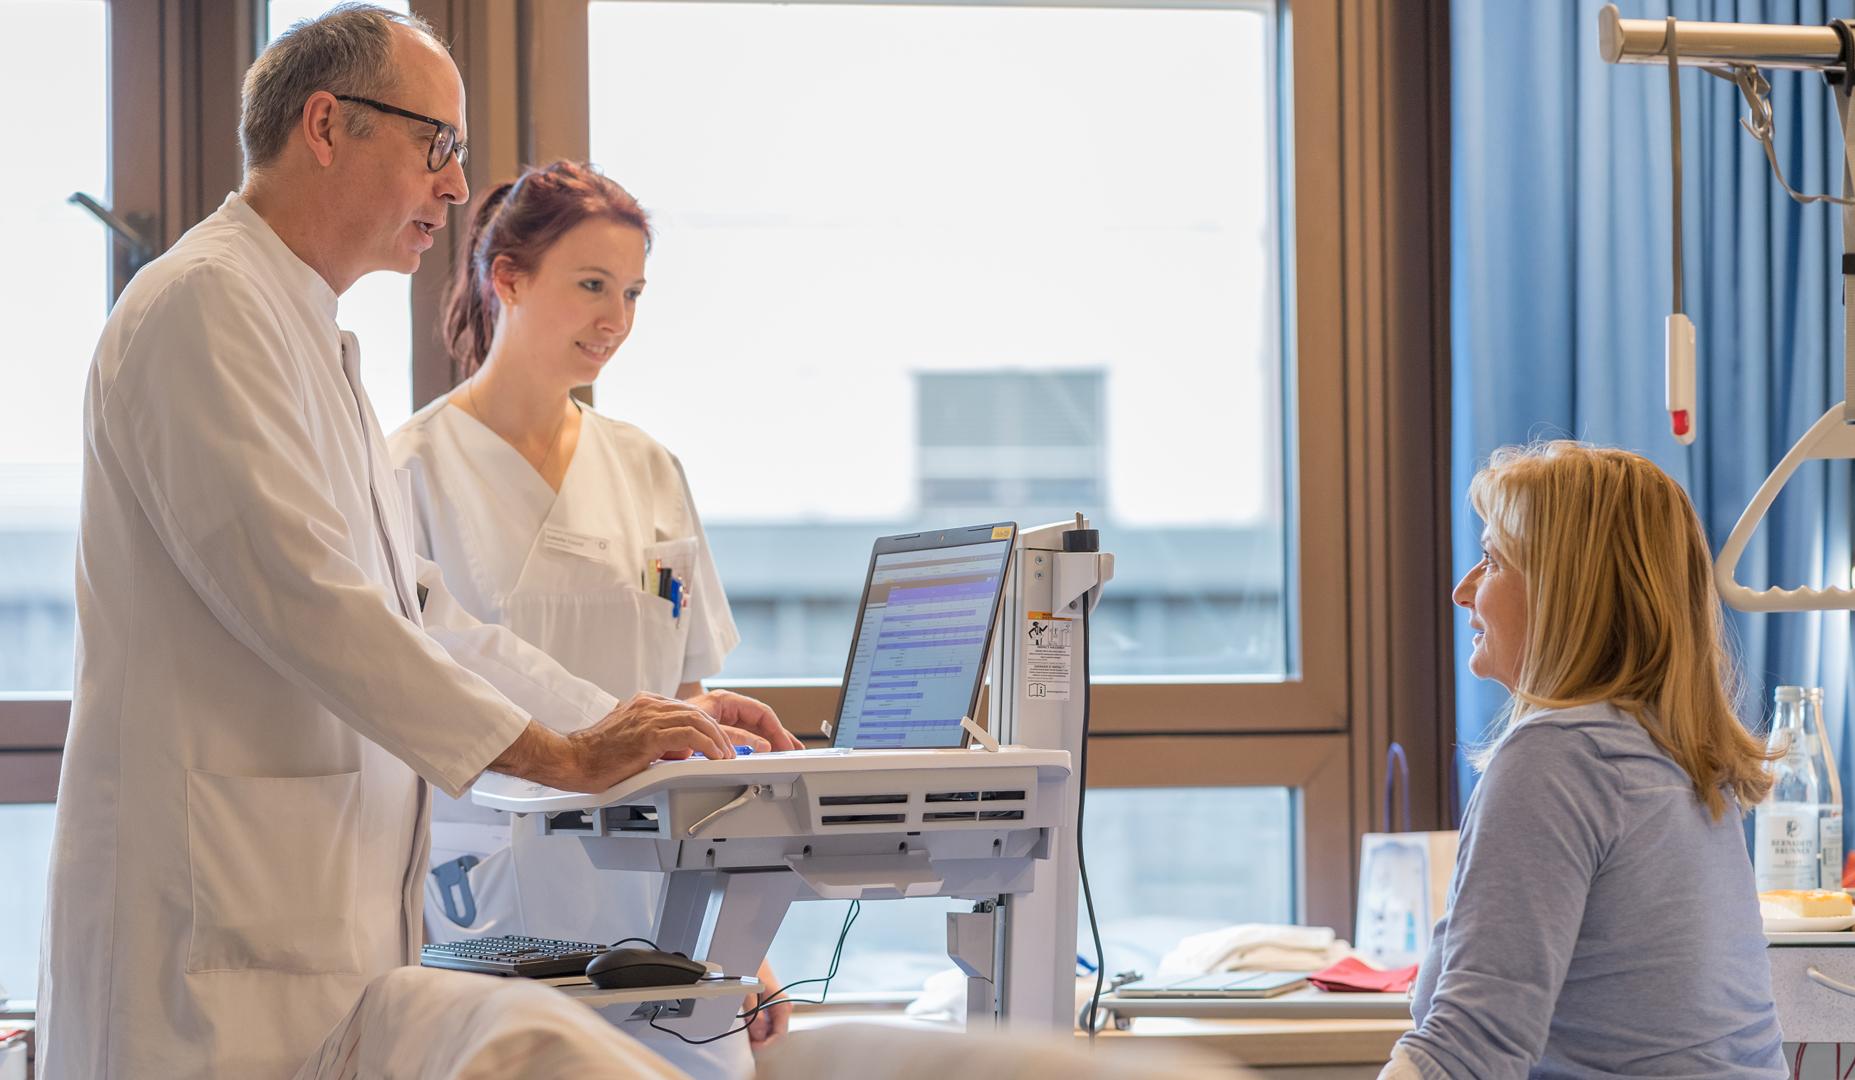 Der Chefarzt Prof. Dr. Andreas Manseck im Gespräch mit einer Patientin